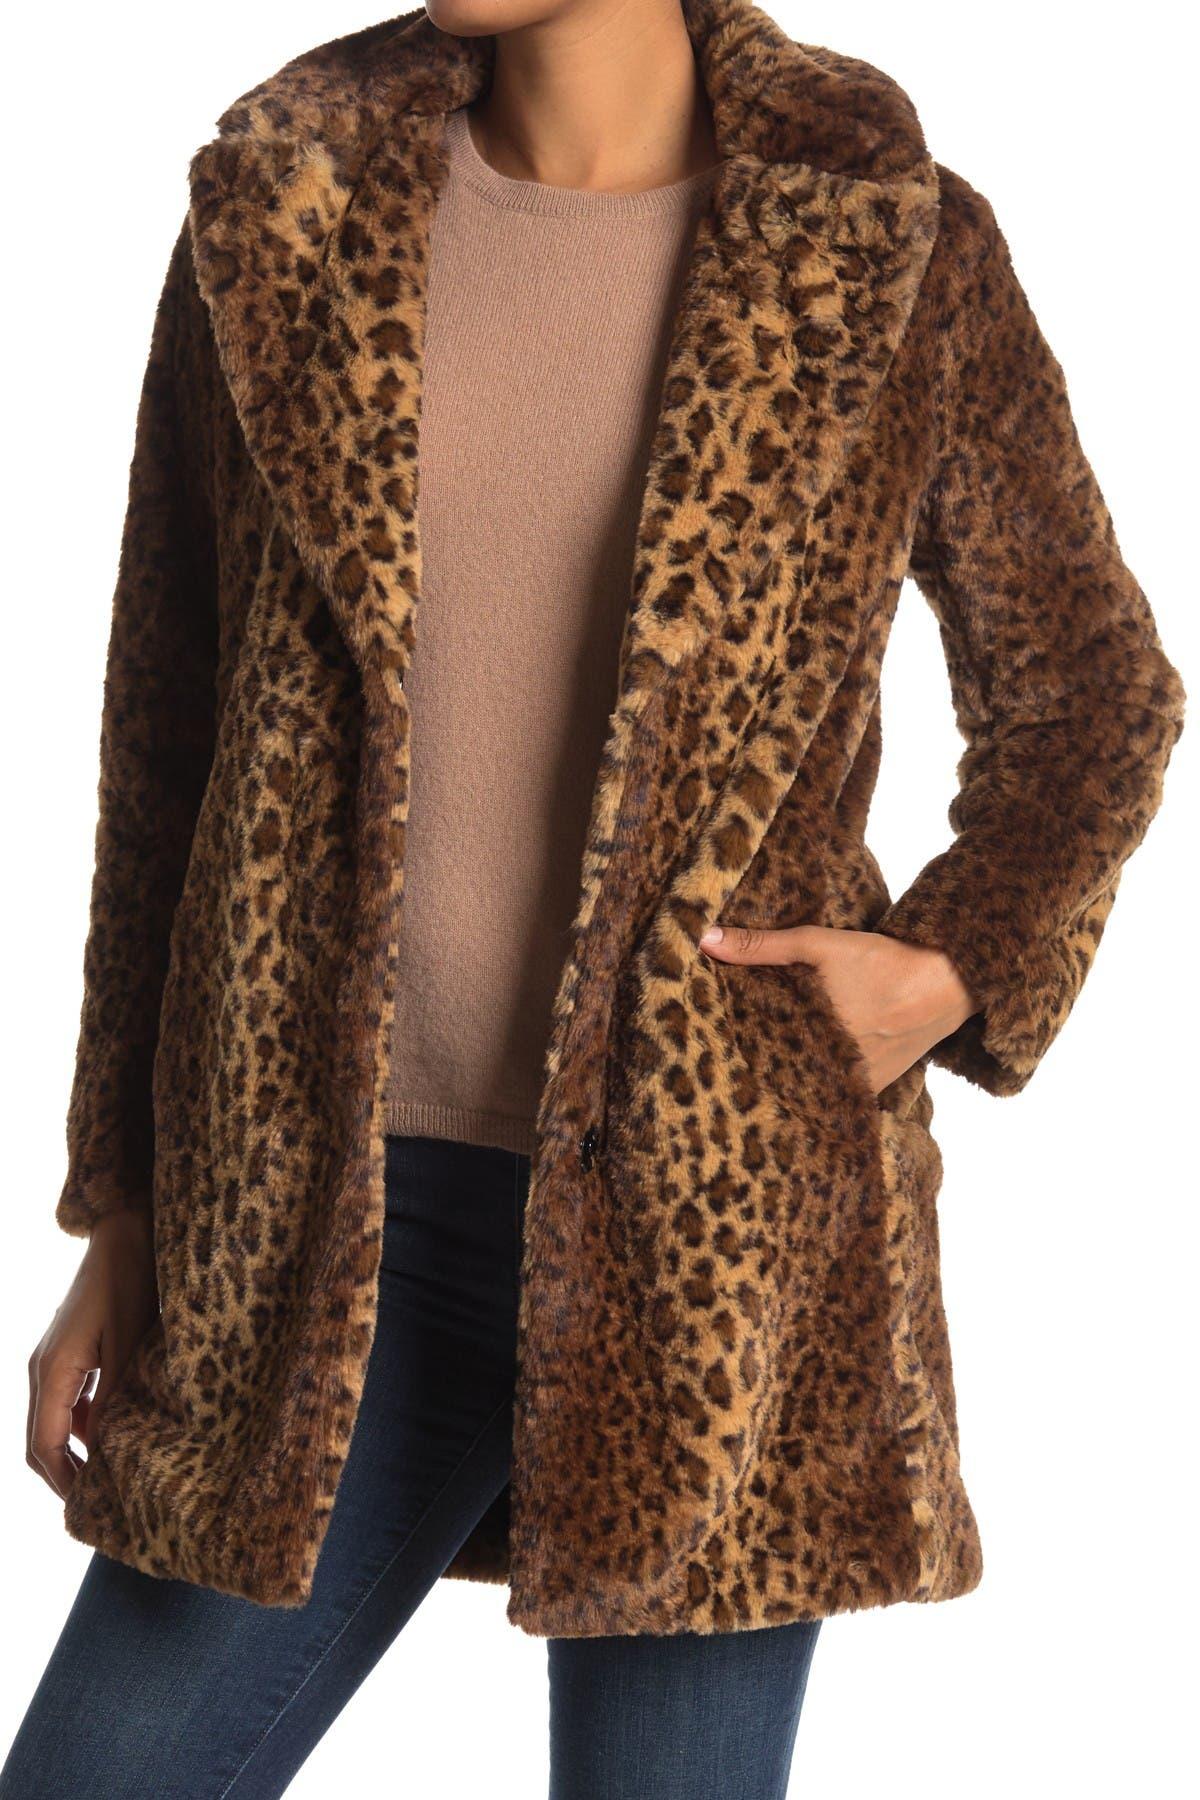 Image of Nine West Leopard Print Faux Fur Coat